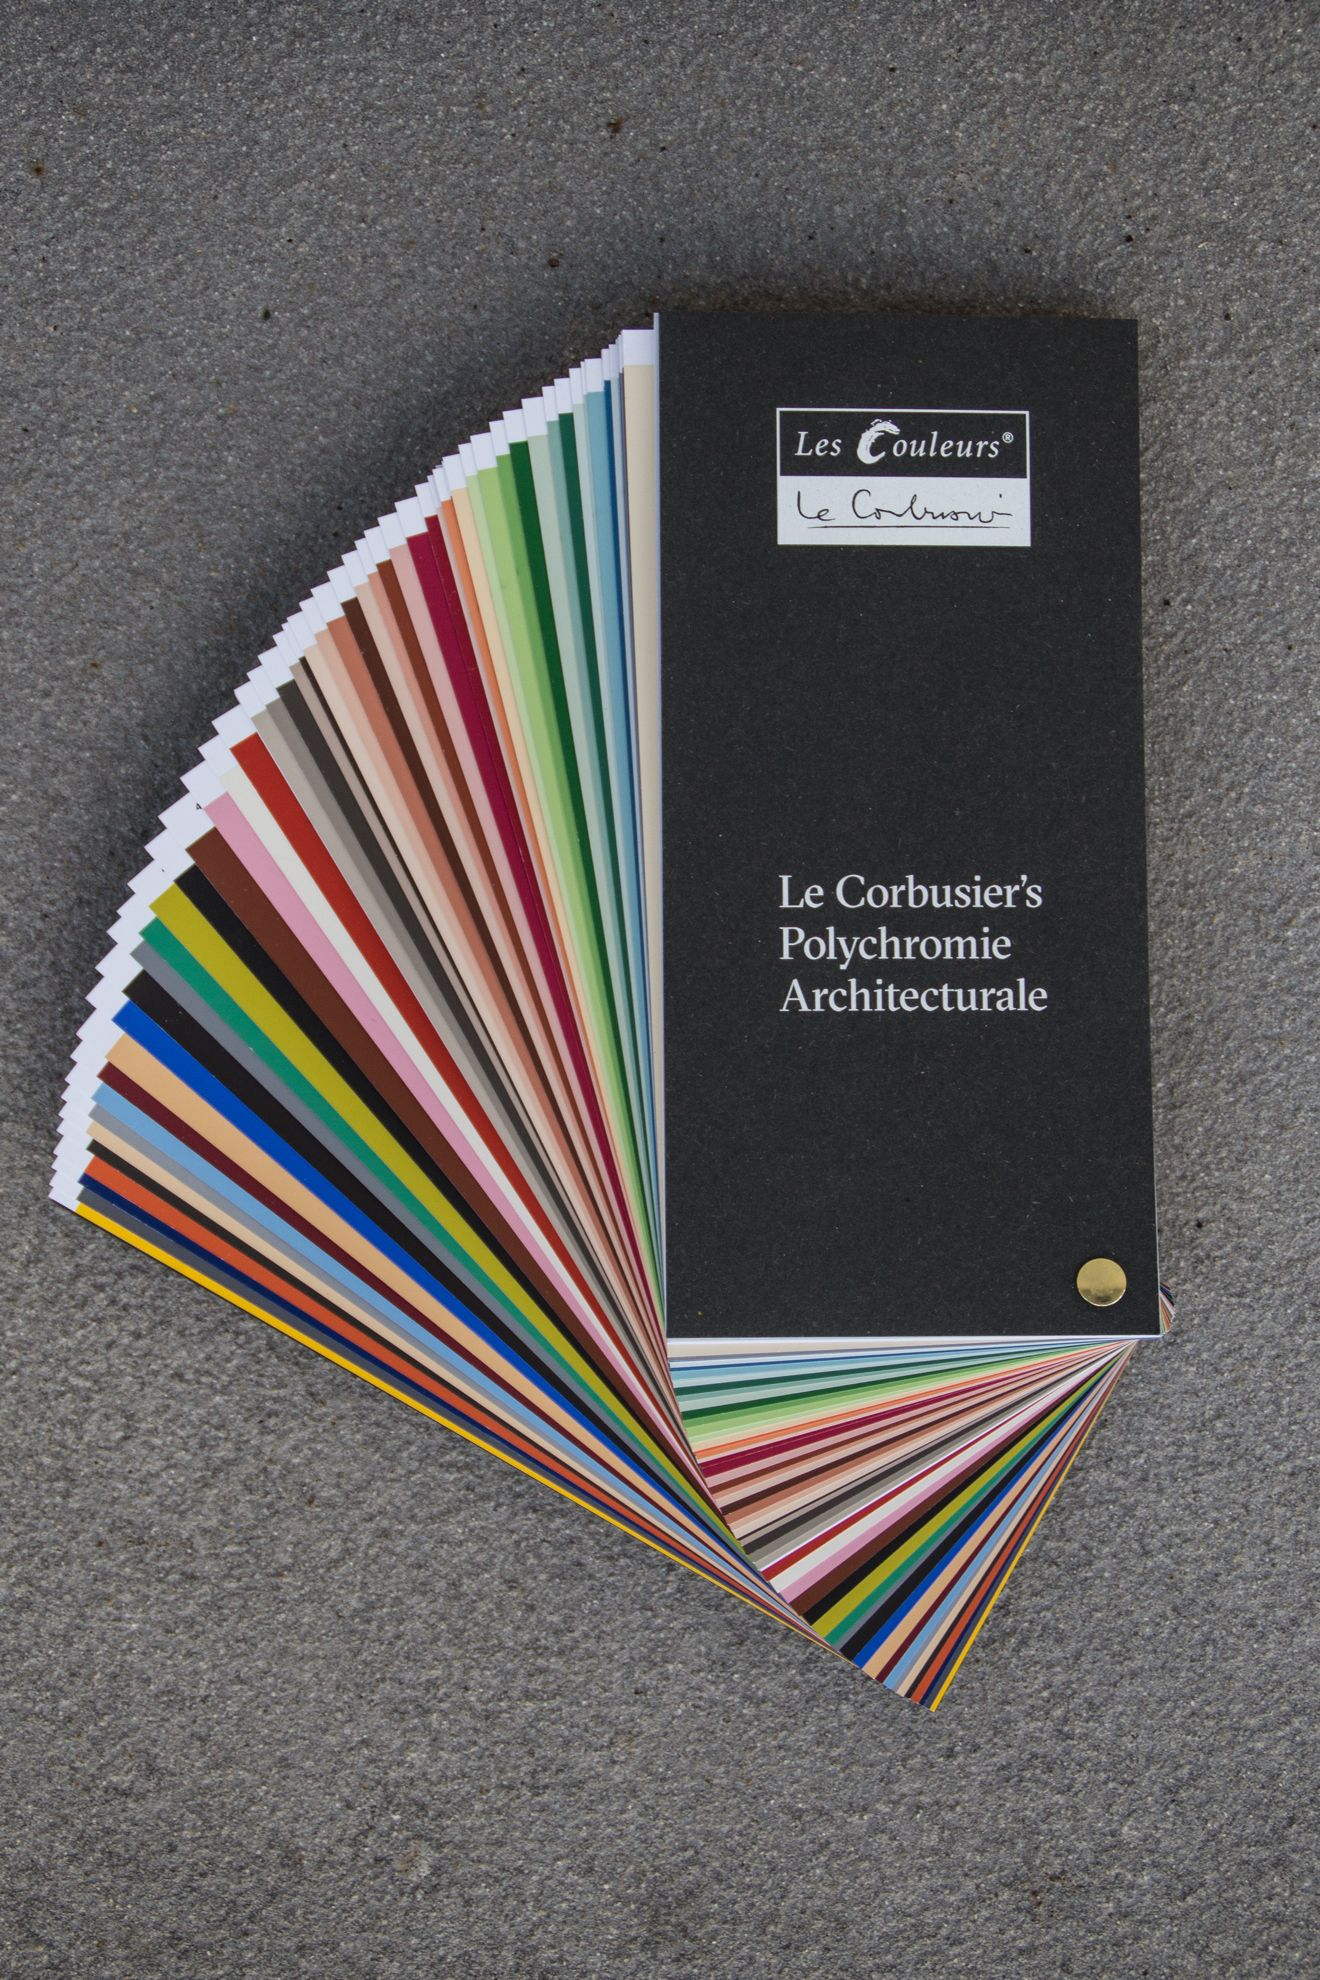 Le Corbusiers Farbfacher Le Corbusier Farbfacher Und Farben